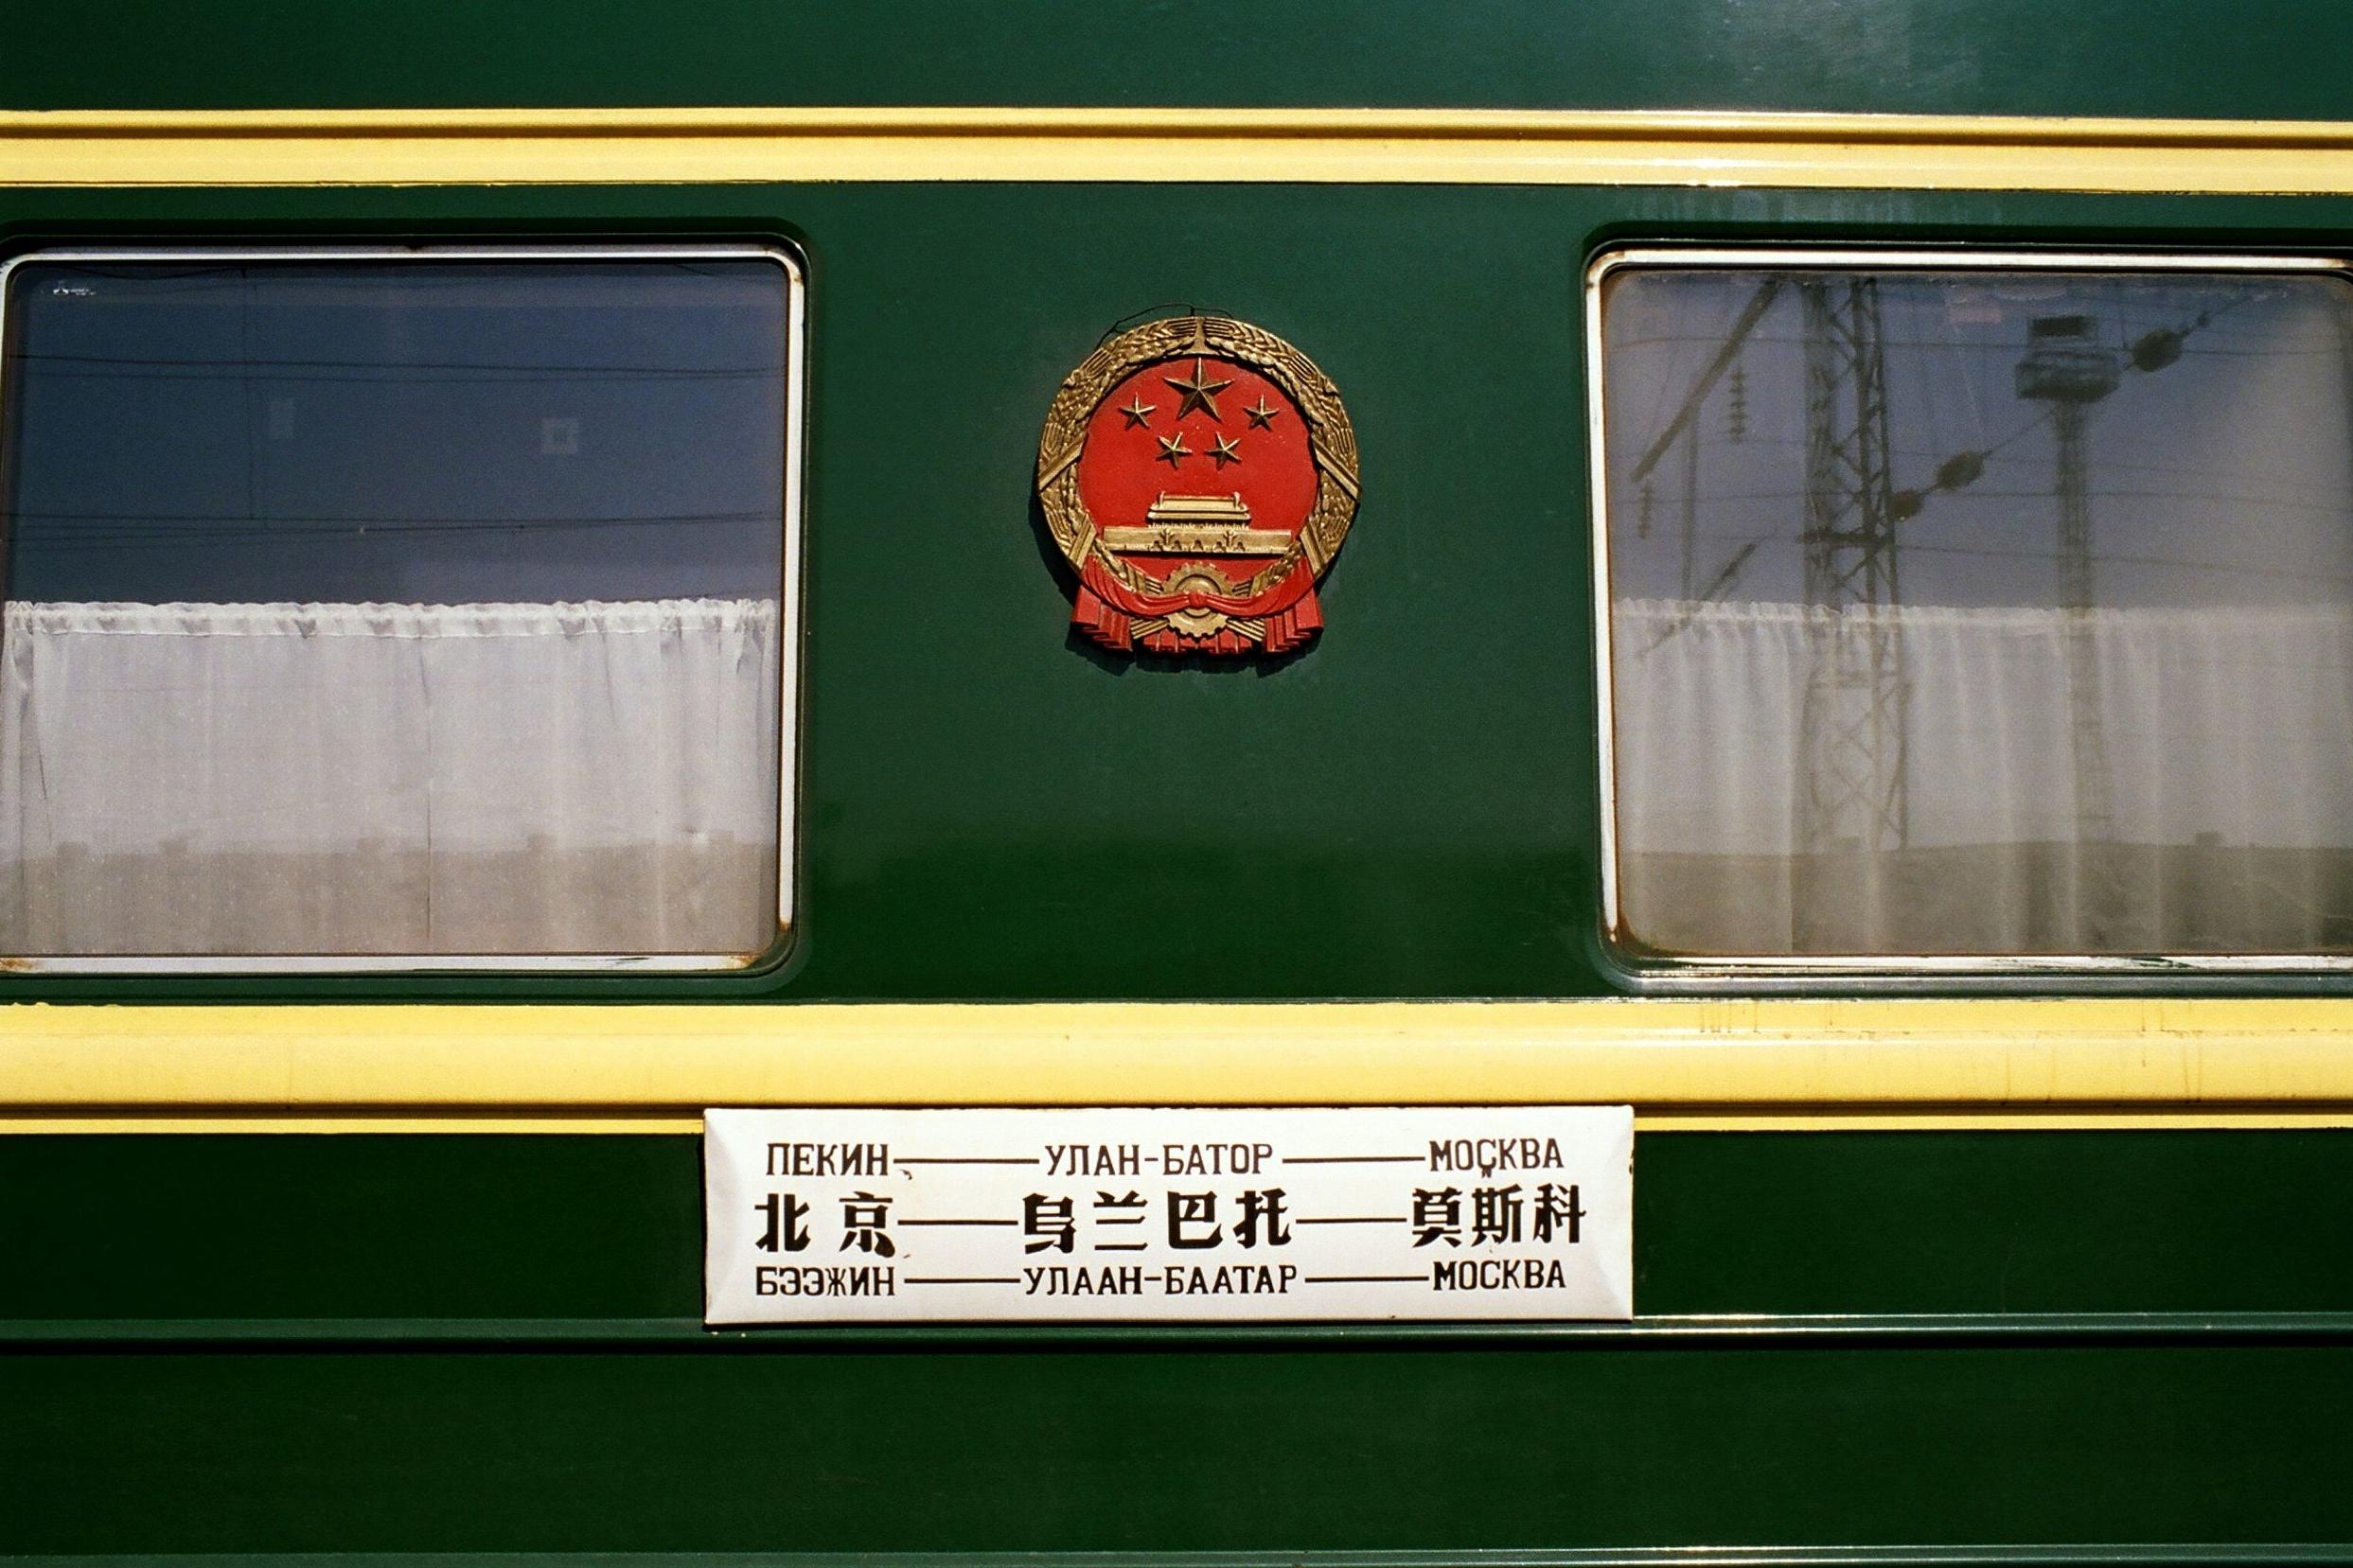 """""""Beijing–Ulaanbaatar–Moscow"""""""